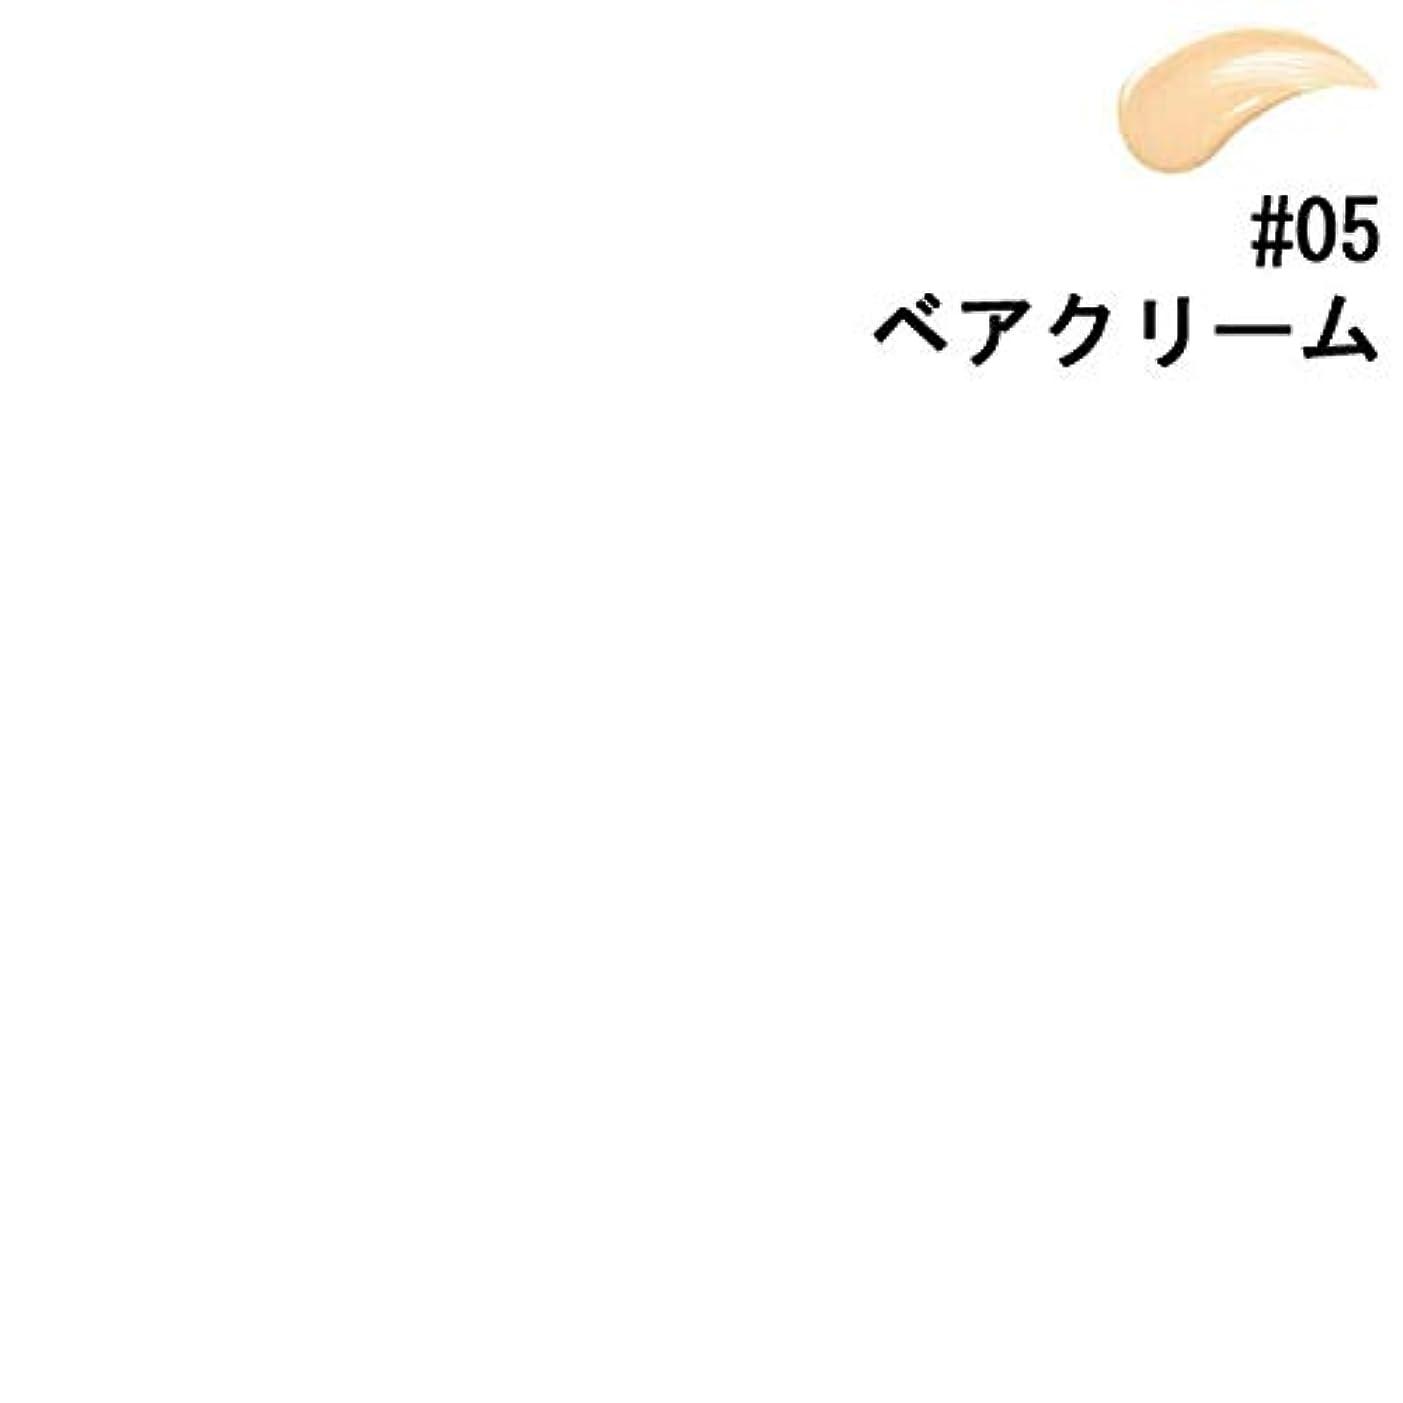 間違っているラメ文庫本【ベアミネラル】ベアミネラル ベア ファンデーション #05 ベアクリーム 30ml [並行輸入品]